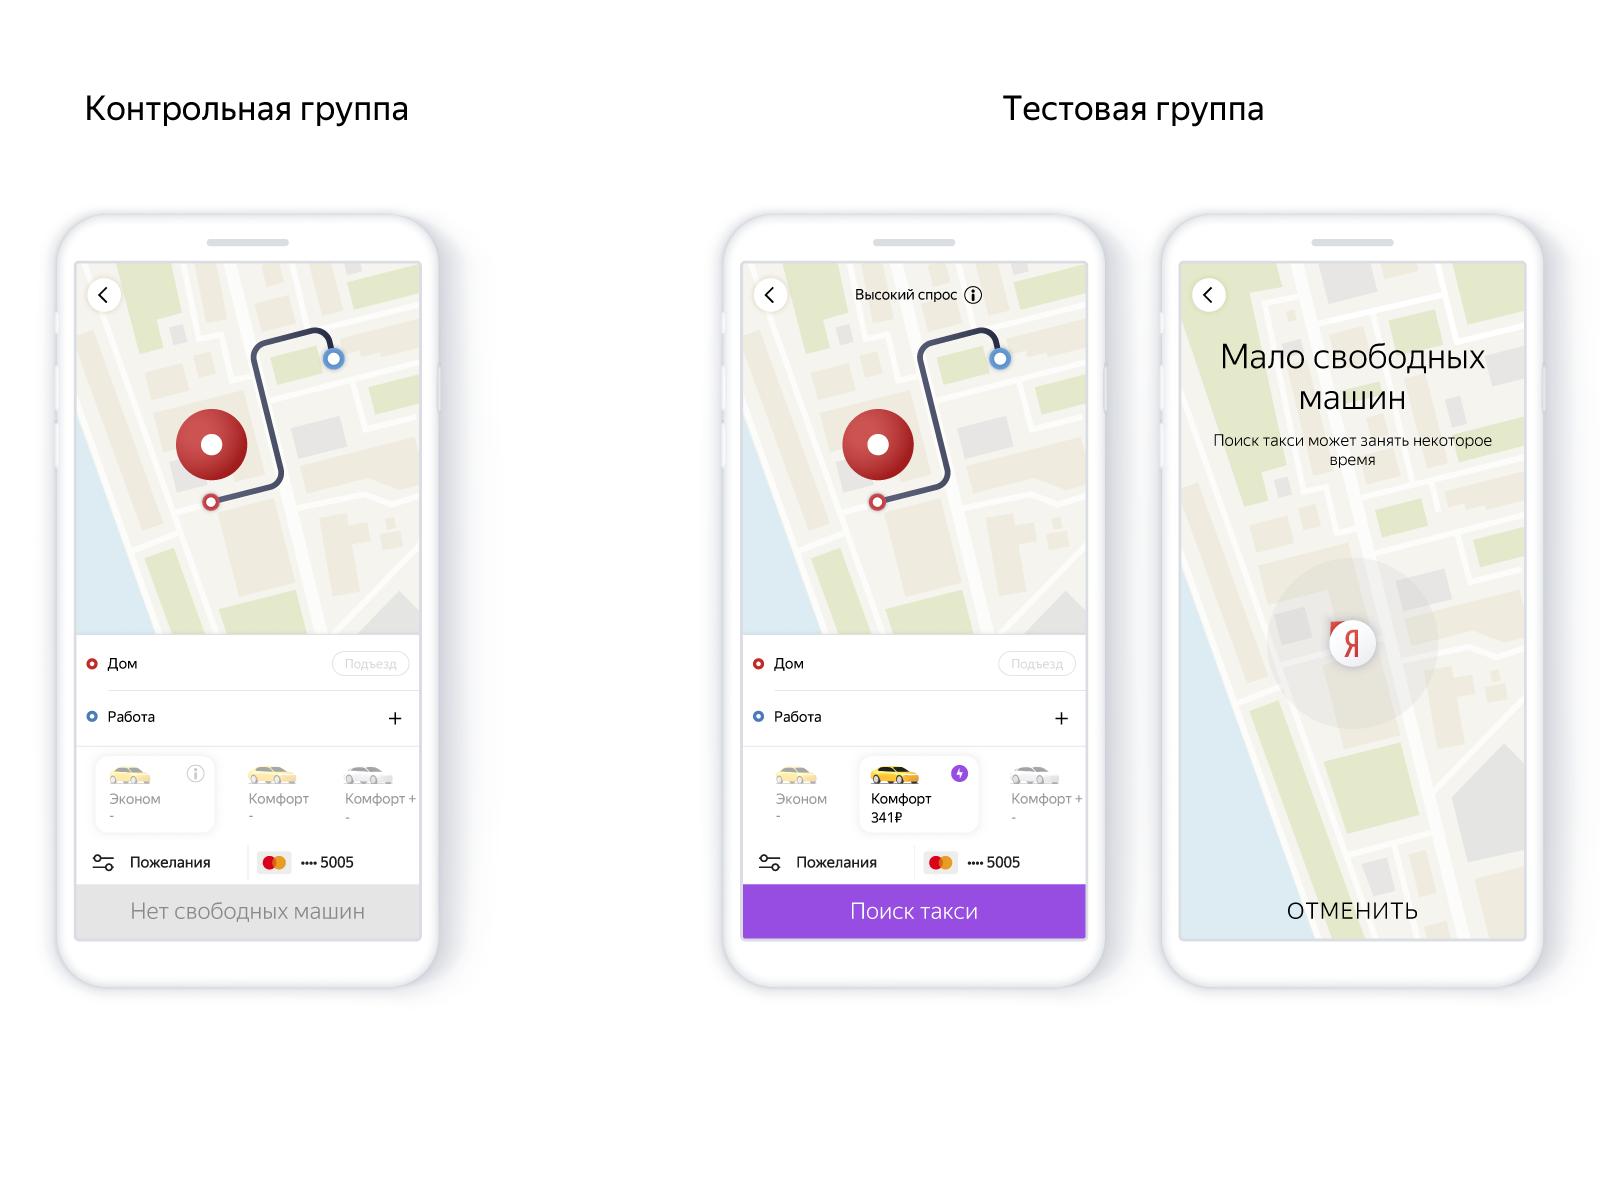 Как в Яндекс.Такси ищут машины, когда их нет - 4